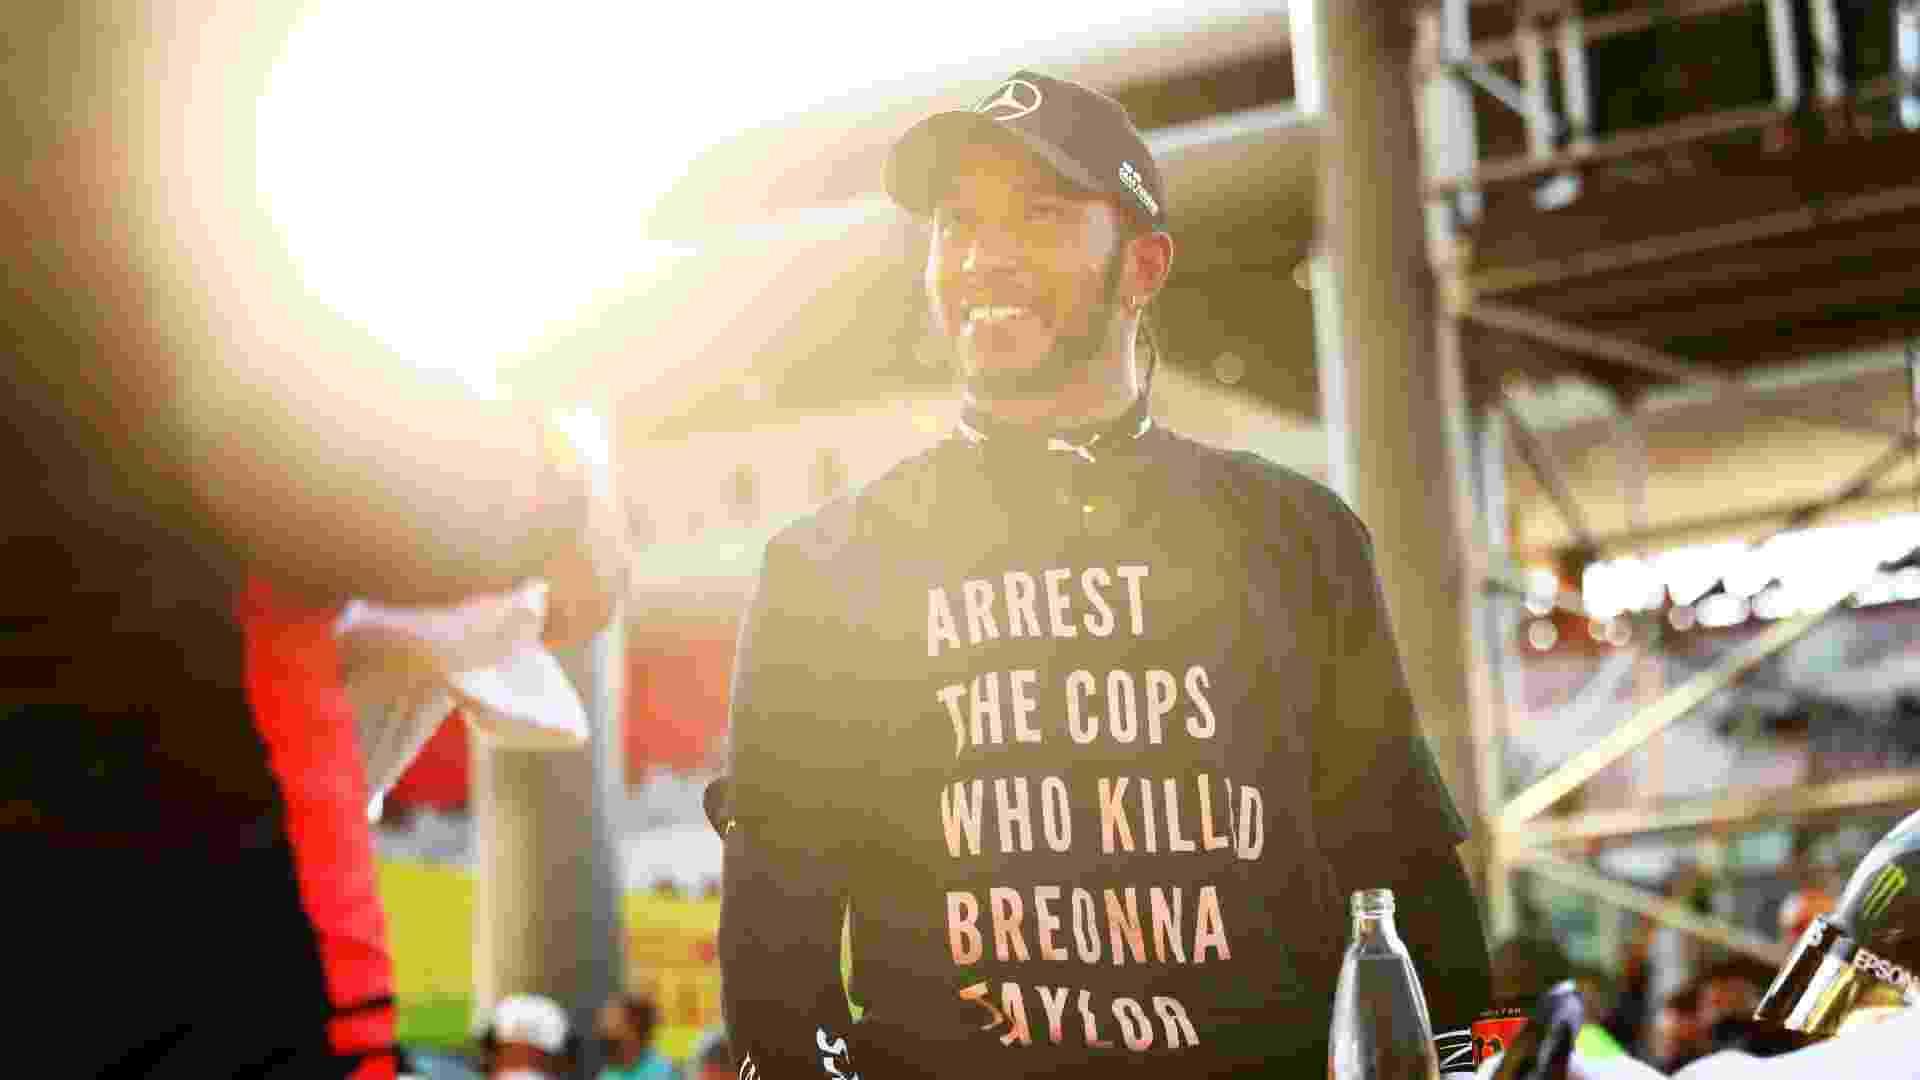 Lewis Hamilton usa camiseta em homenagem a Breonna Taylor no GP da Toscana - Dan Istitene - Formula 1/Formula 1 via Getty Images